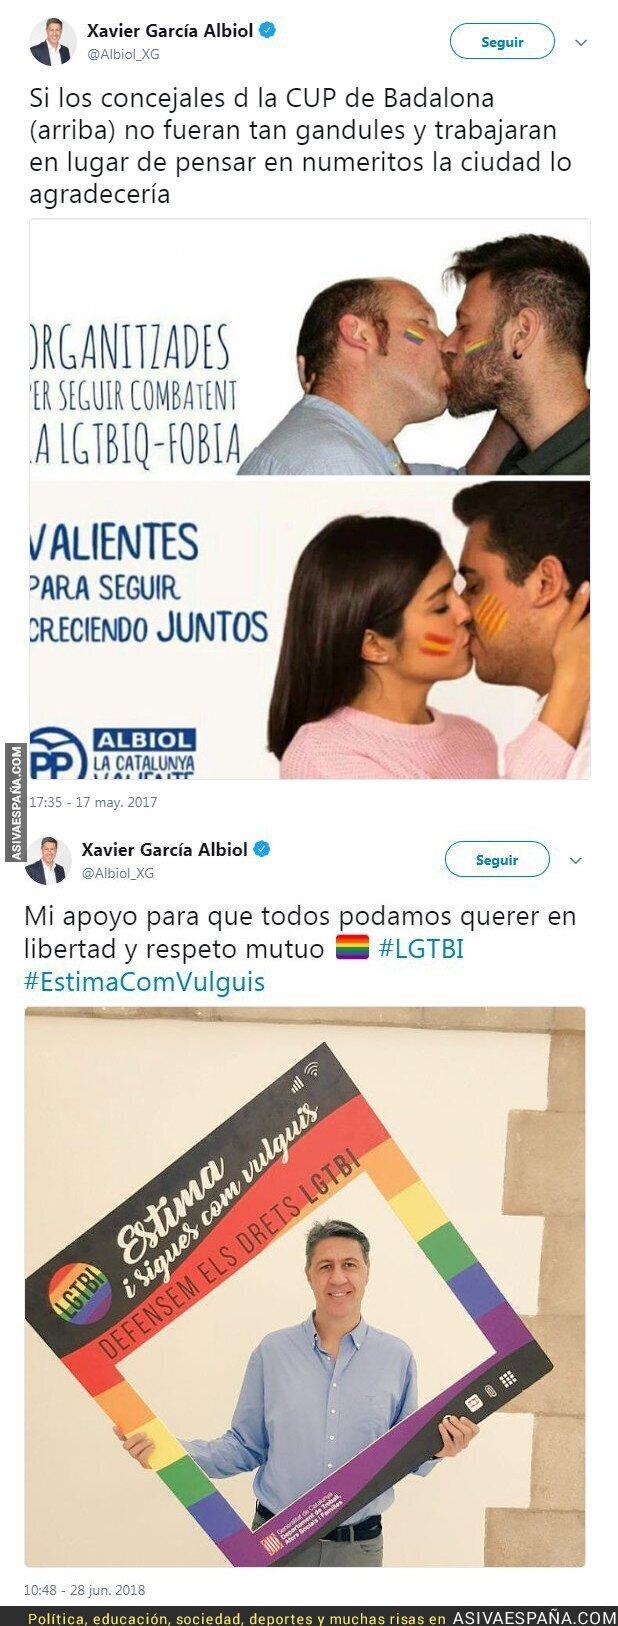 89012 - Este es el repugnante doble rasero de Xavier García Albiol con el movimiento LGTBI